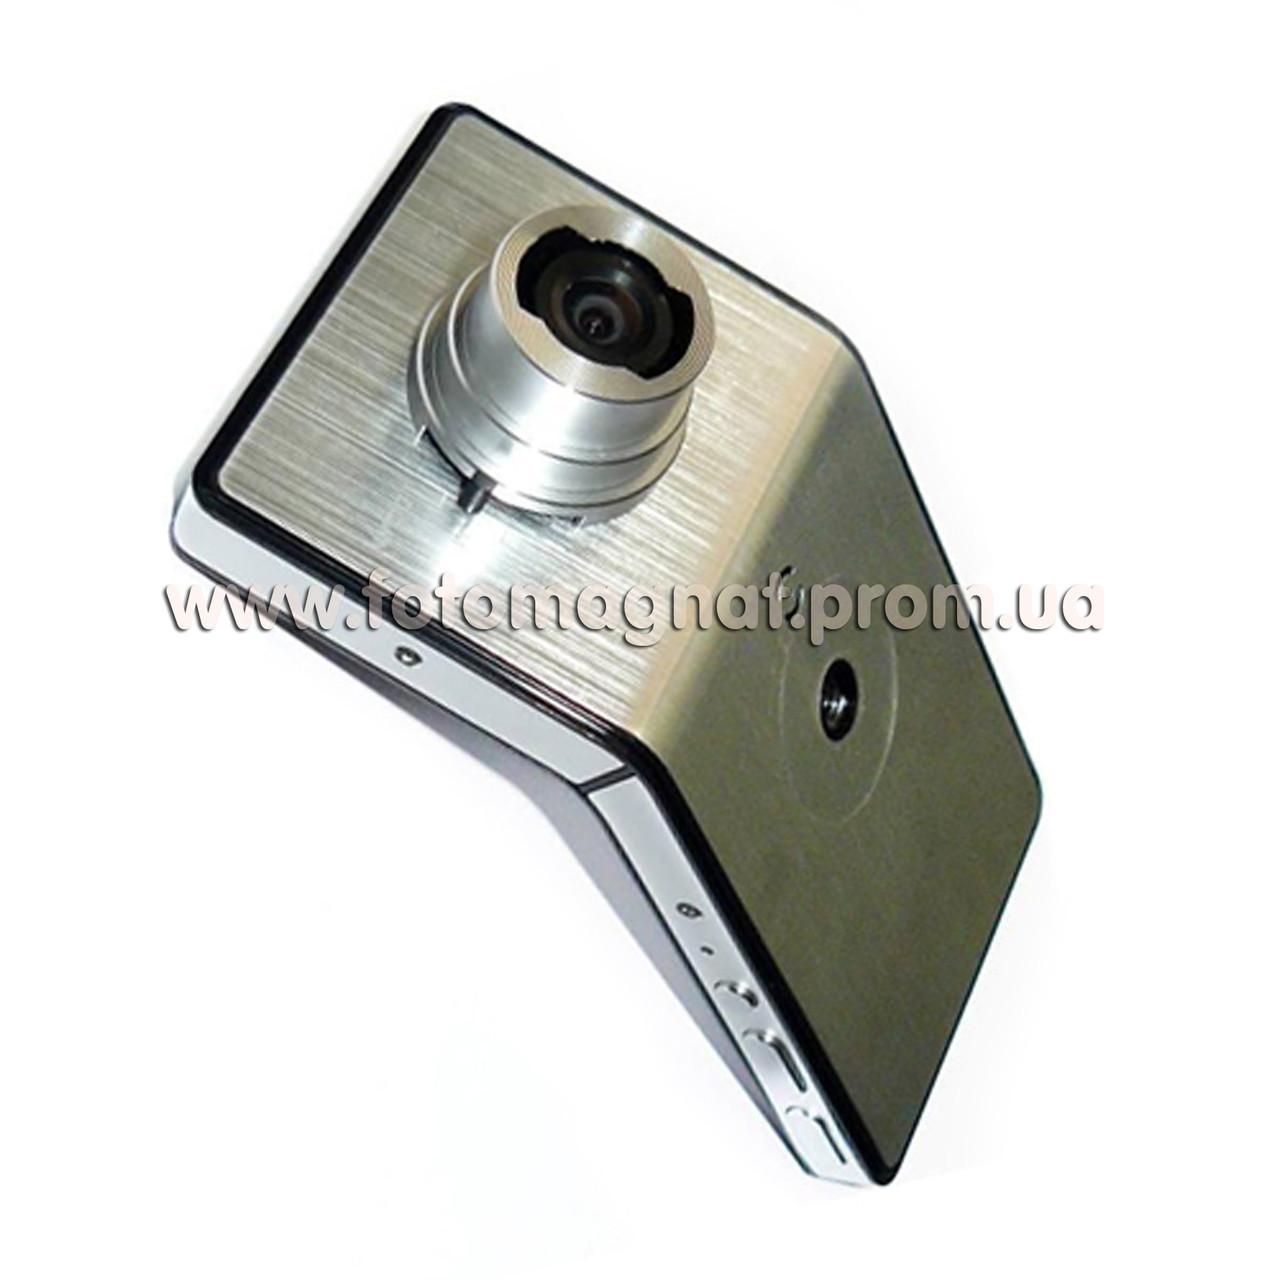 Автомобильный видеорегистратор DVR  Х 1000 HDMI(хороший видеорегистратор автомобильный)